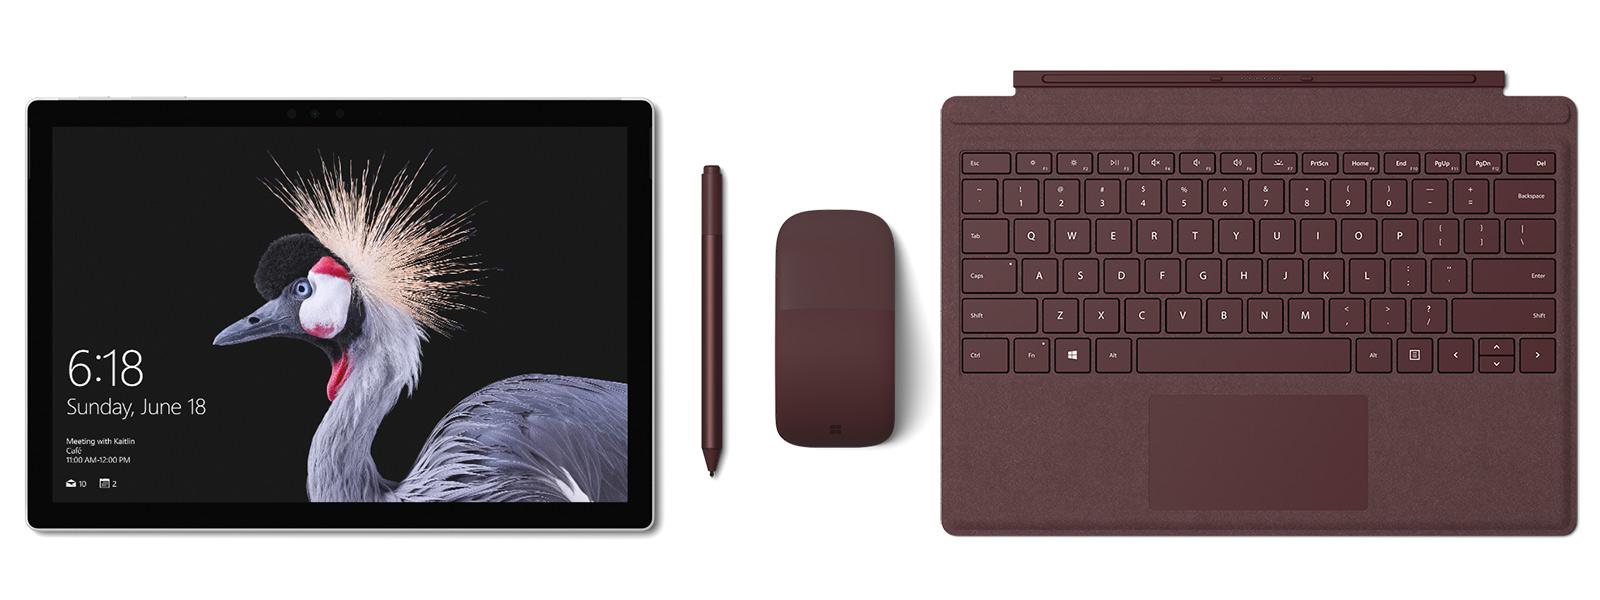 Image de Surface Pro avec clavier Signature Type Cover pour Surface Pro, stylet Surface et souris Souris Surface Arc Mouse en bordeaux. Accessoires de stylet Surface.